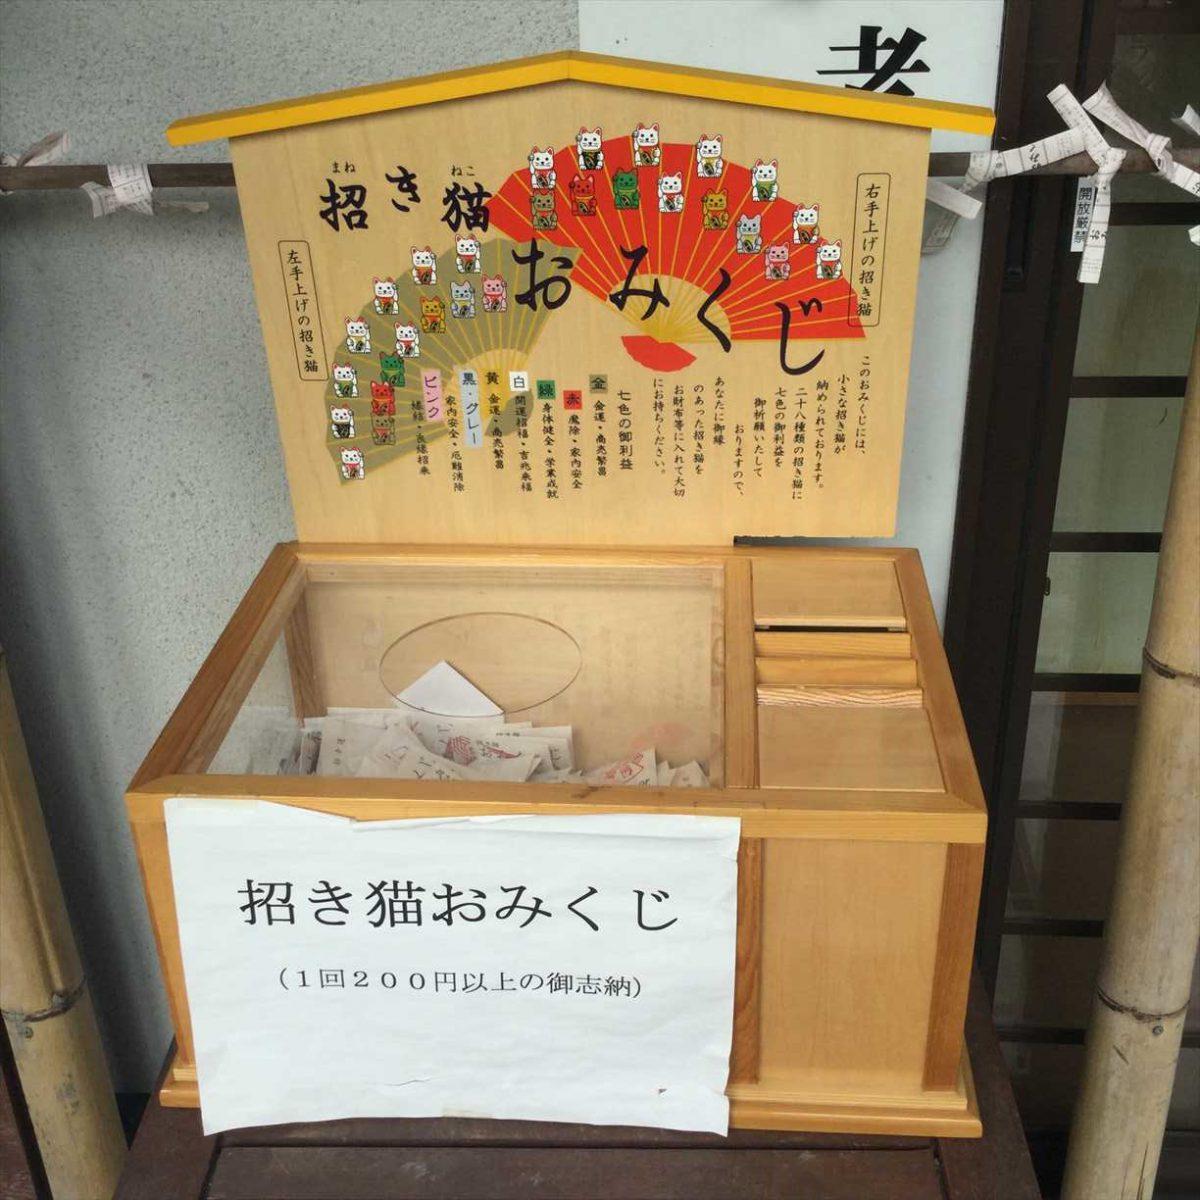 招き猫くじ1回200円